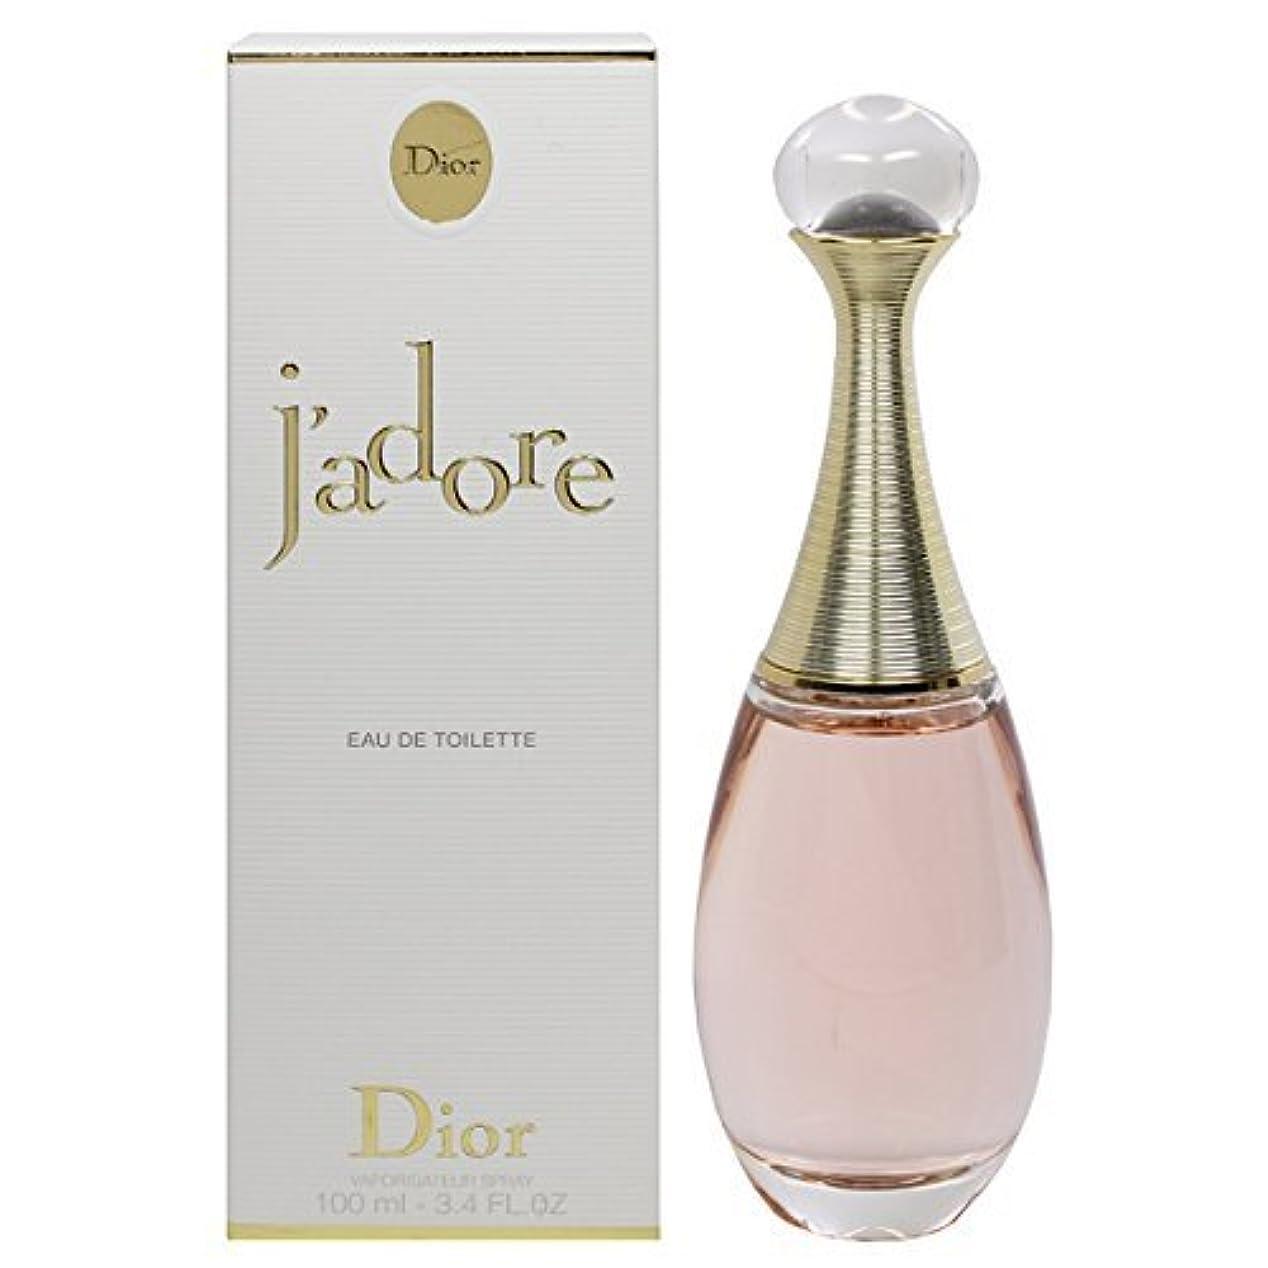 セッティングバドミントン樹木クリスチャン ディオール(Christian Dior) ジャドール オー ルミエール EDT SP 100ml [並行輸入品]